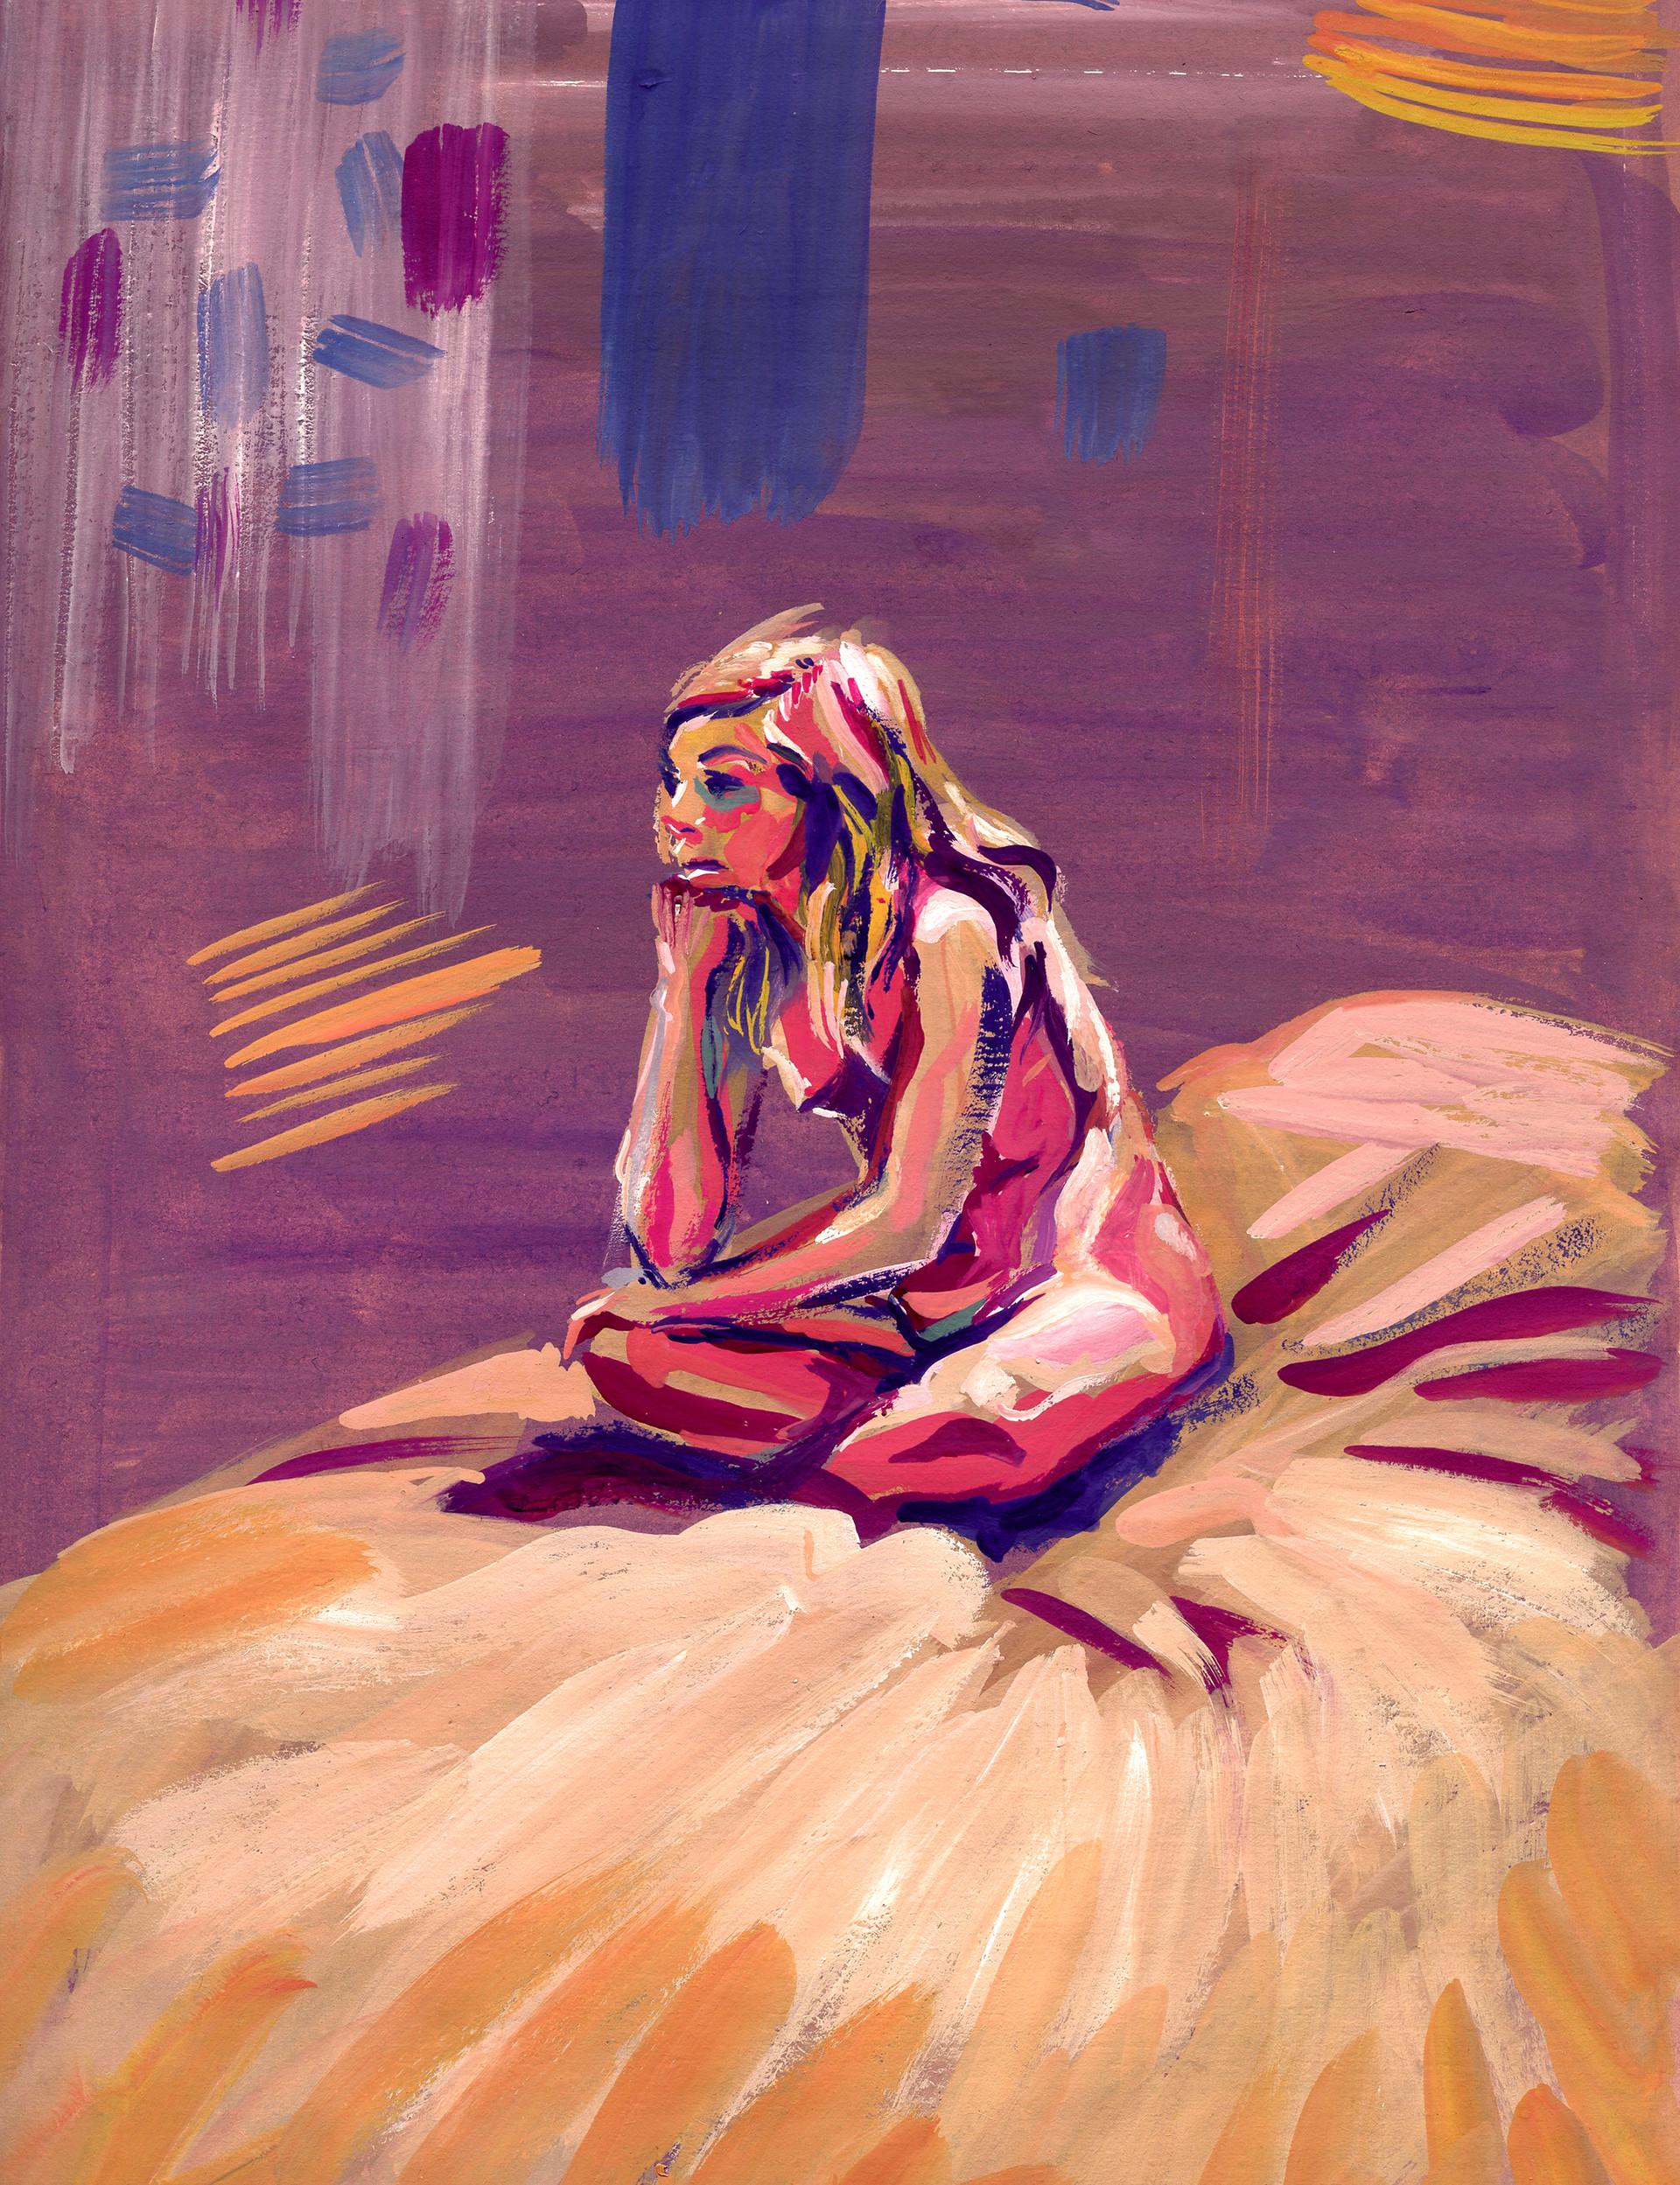 Elisa moriconi 1 03 marzo girl sitting